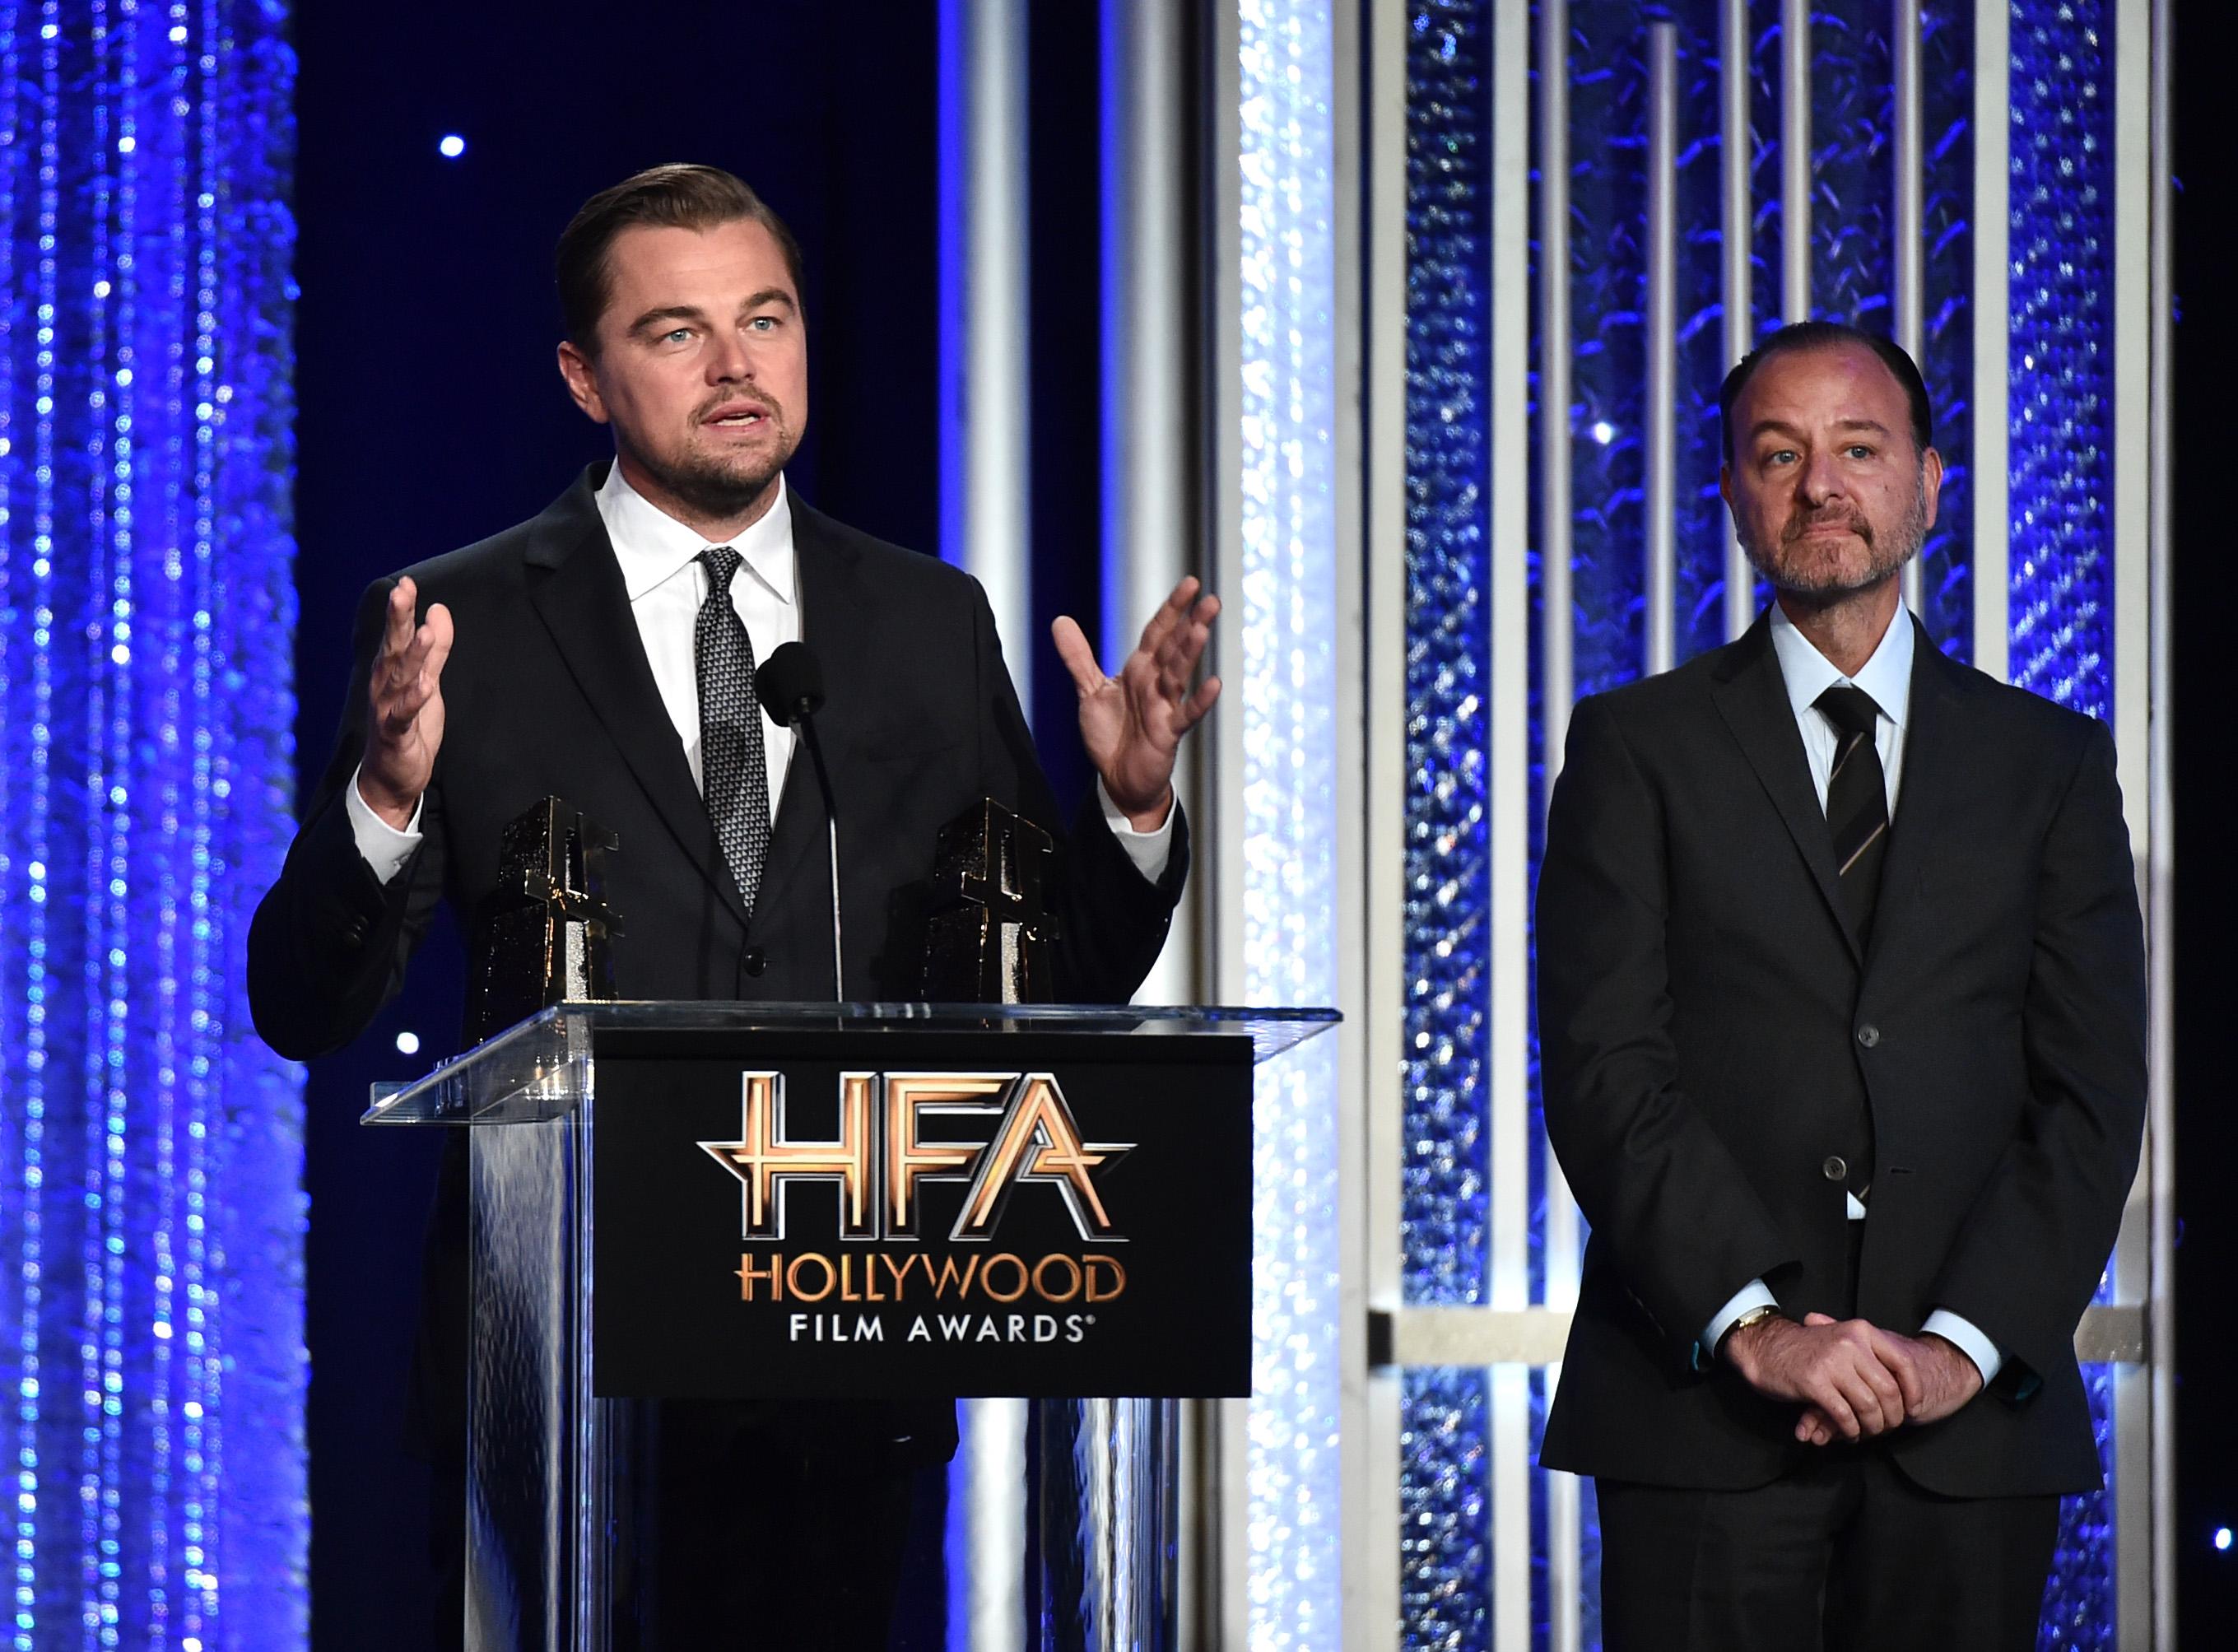 Hollywood Film Awards 2016: образы звезд с красной дорожки и победители-320x180